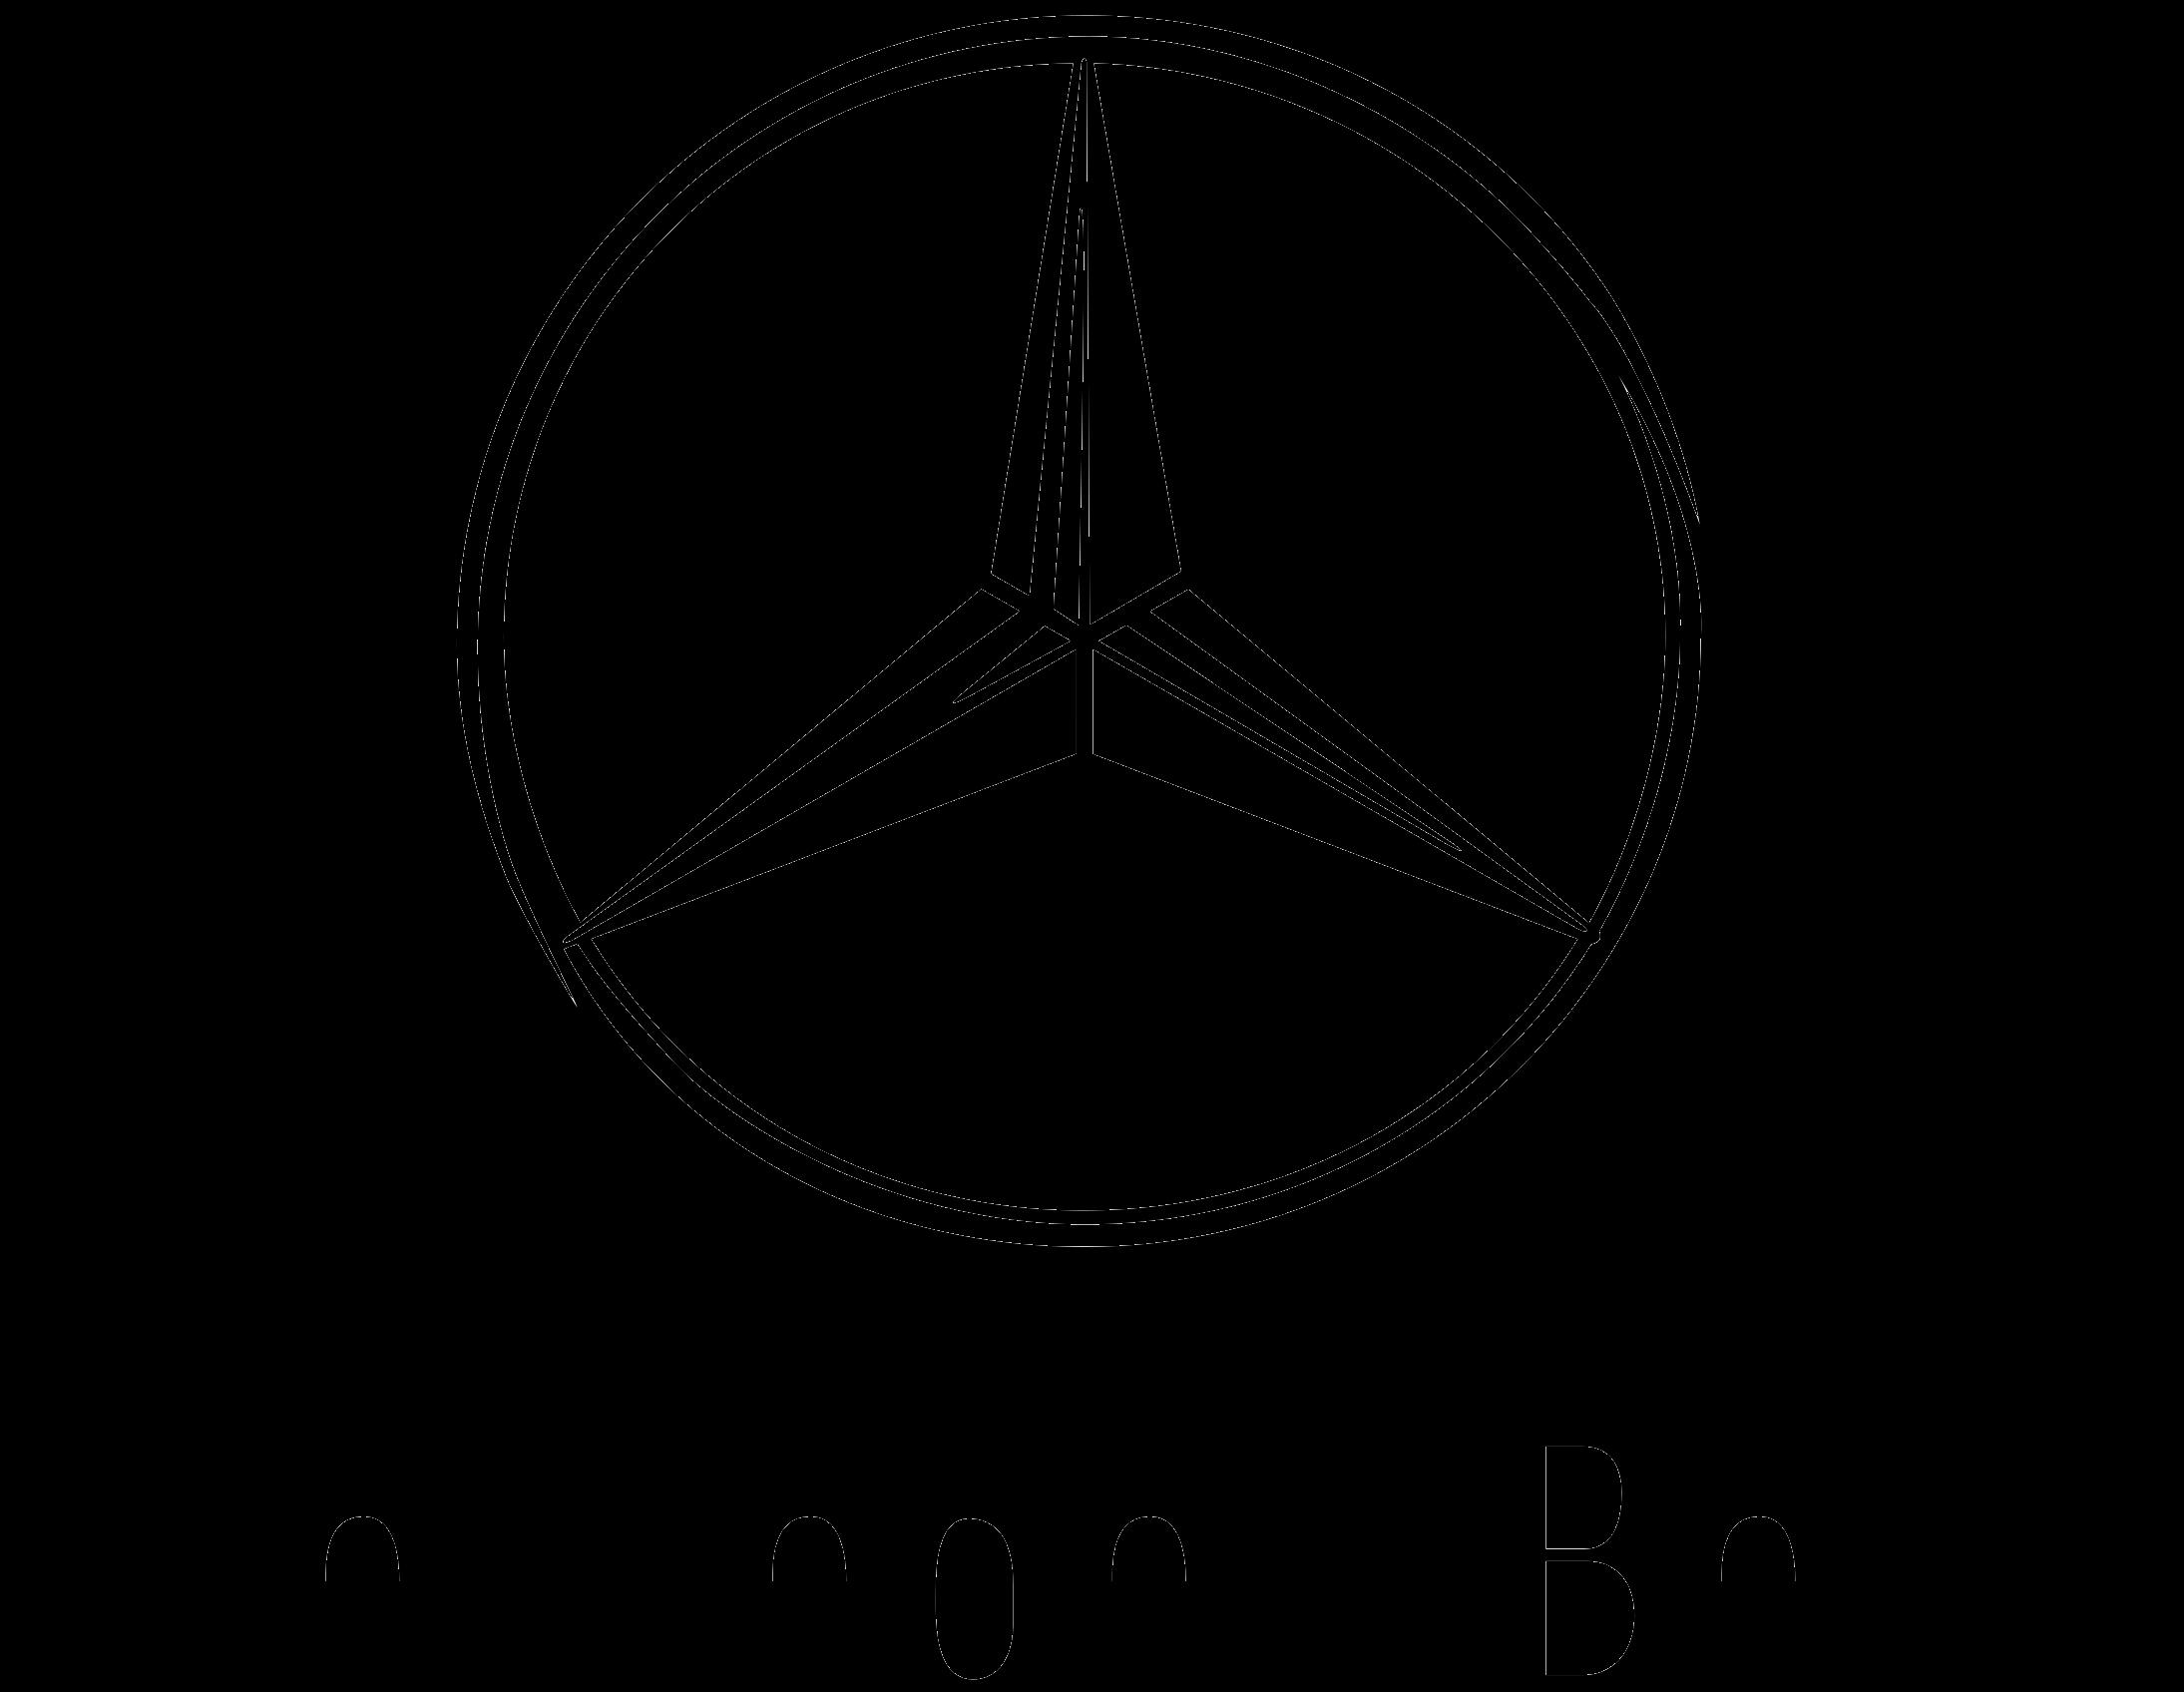 Mercedes S Class manufacturer logo